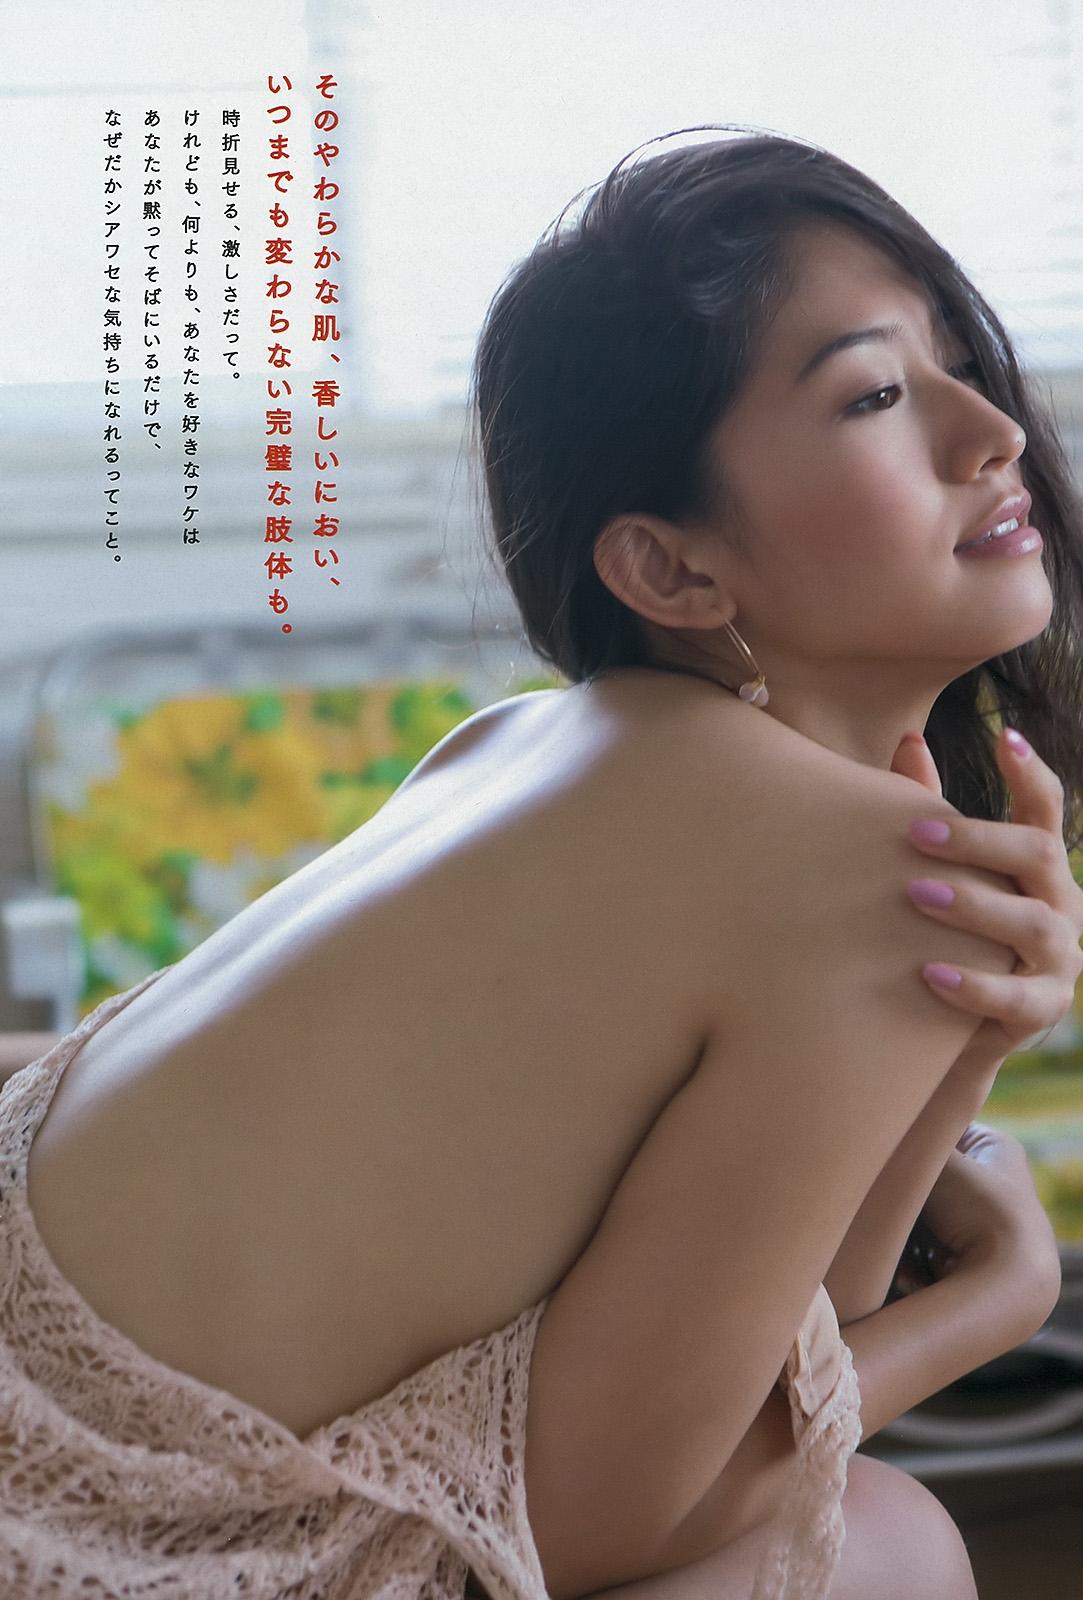 image http://scanlover.com/assets/images/6980-pSeobRUP5n6LjWkU.jpeg